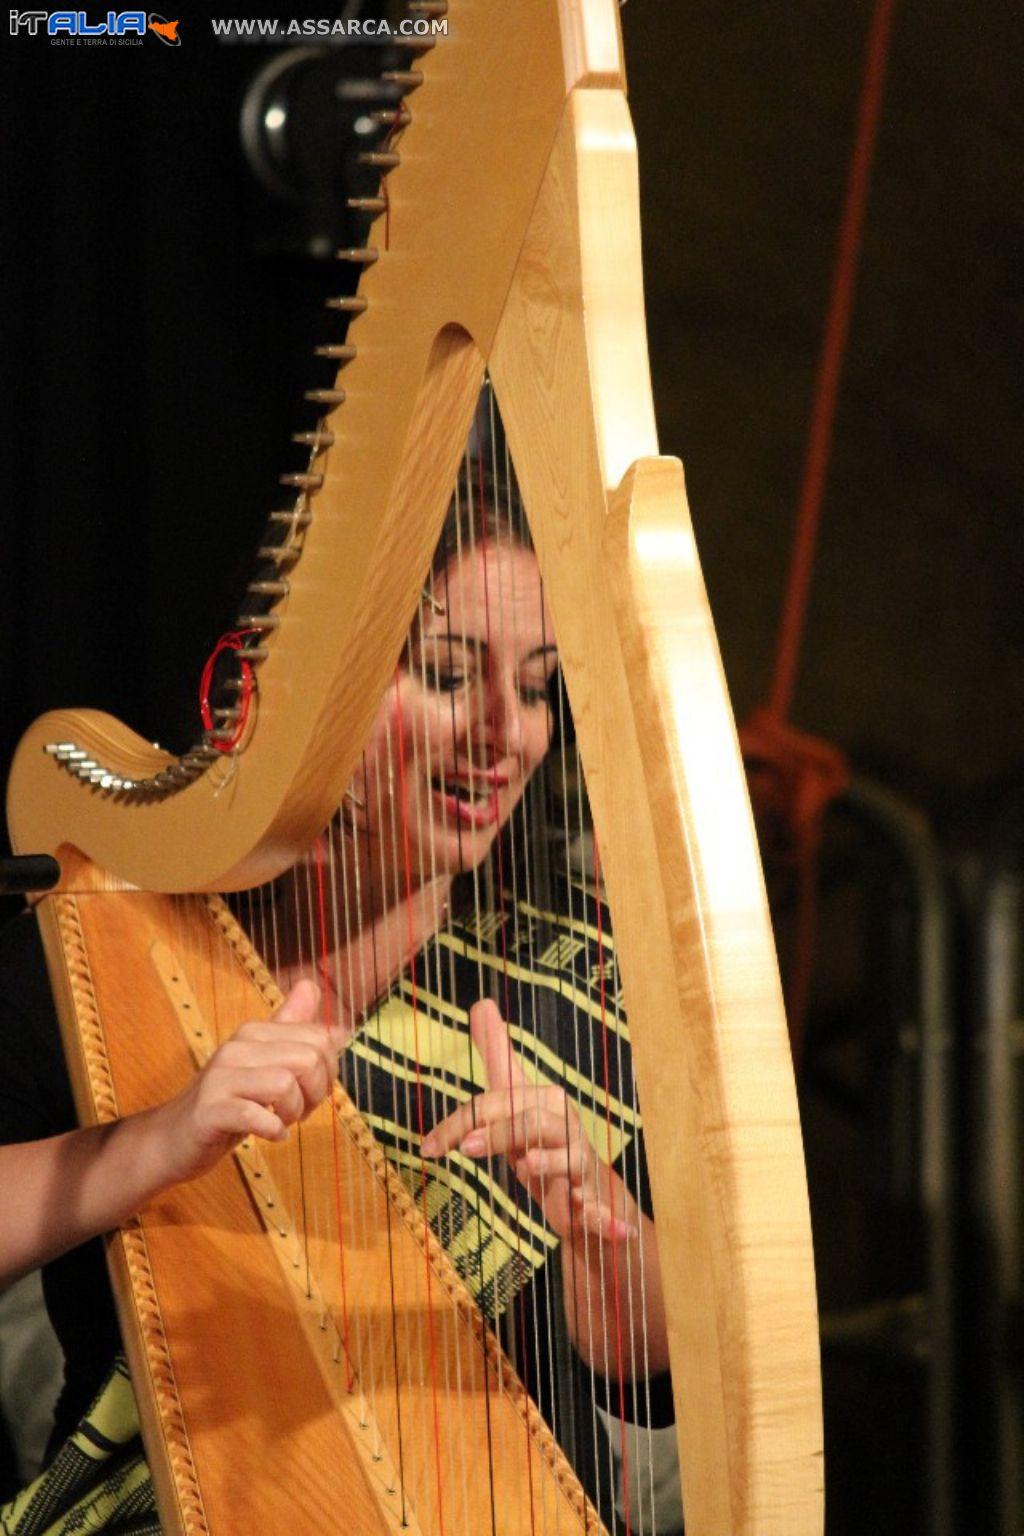 NOTTE DI POESIA E MUSICA ALIA 30 AGOSTO 2015